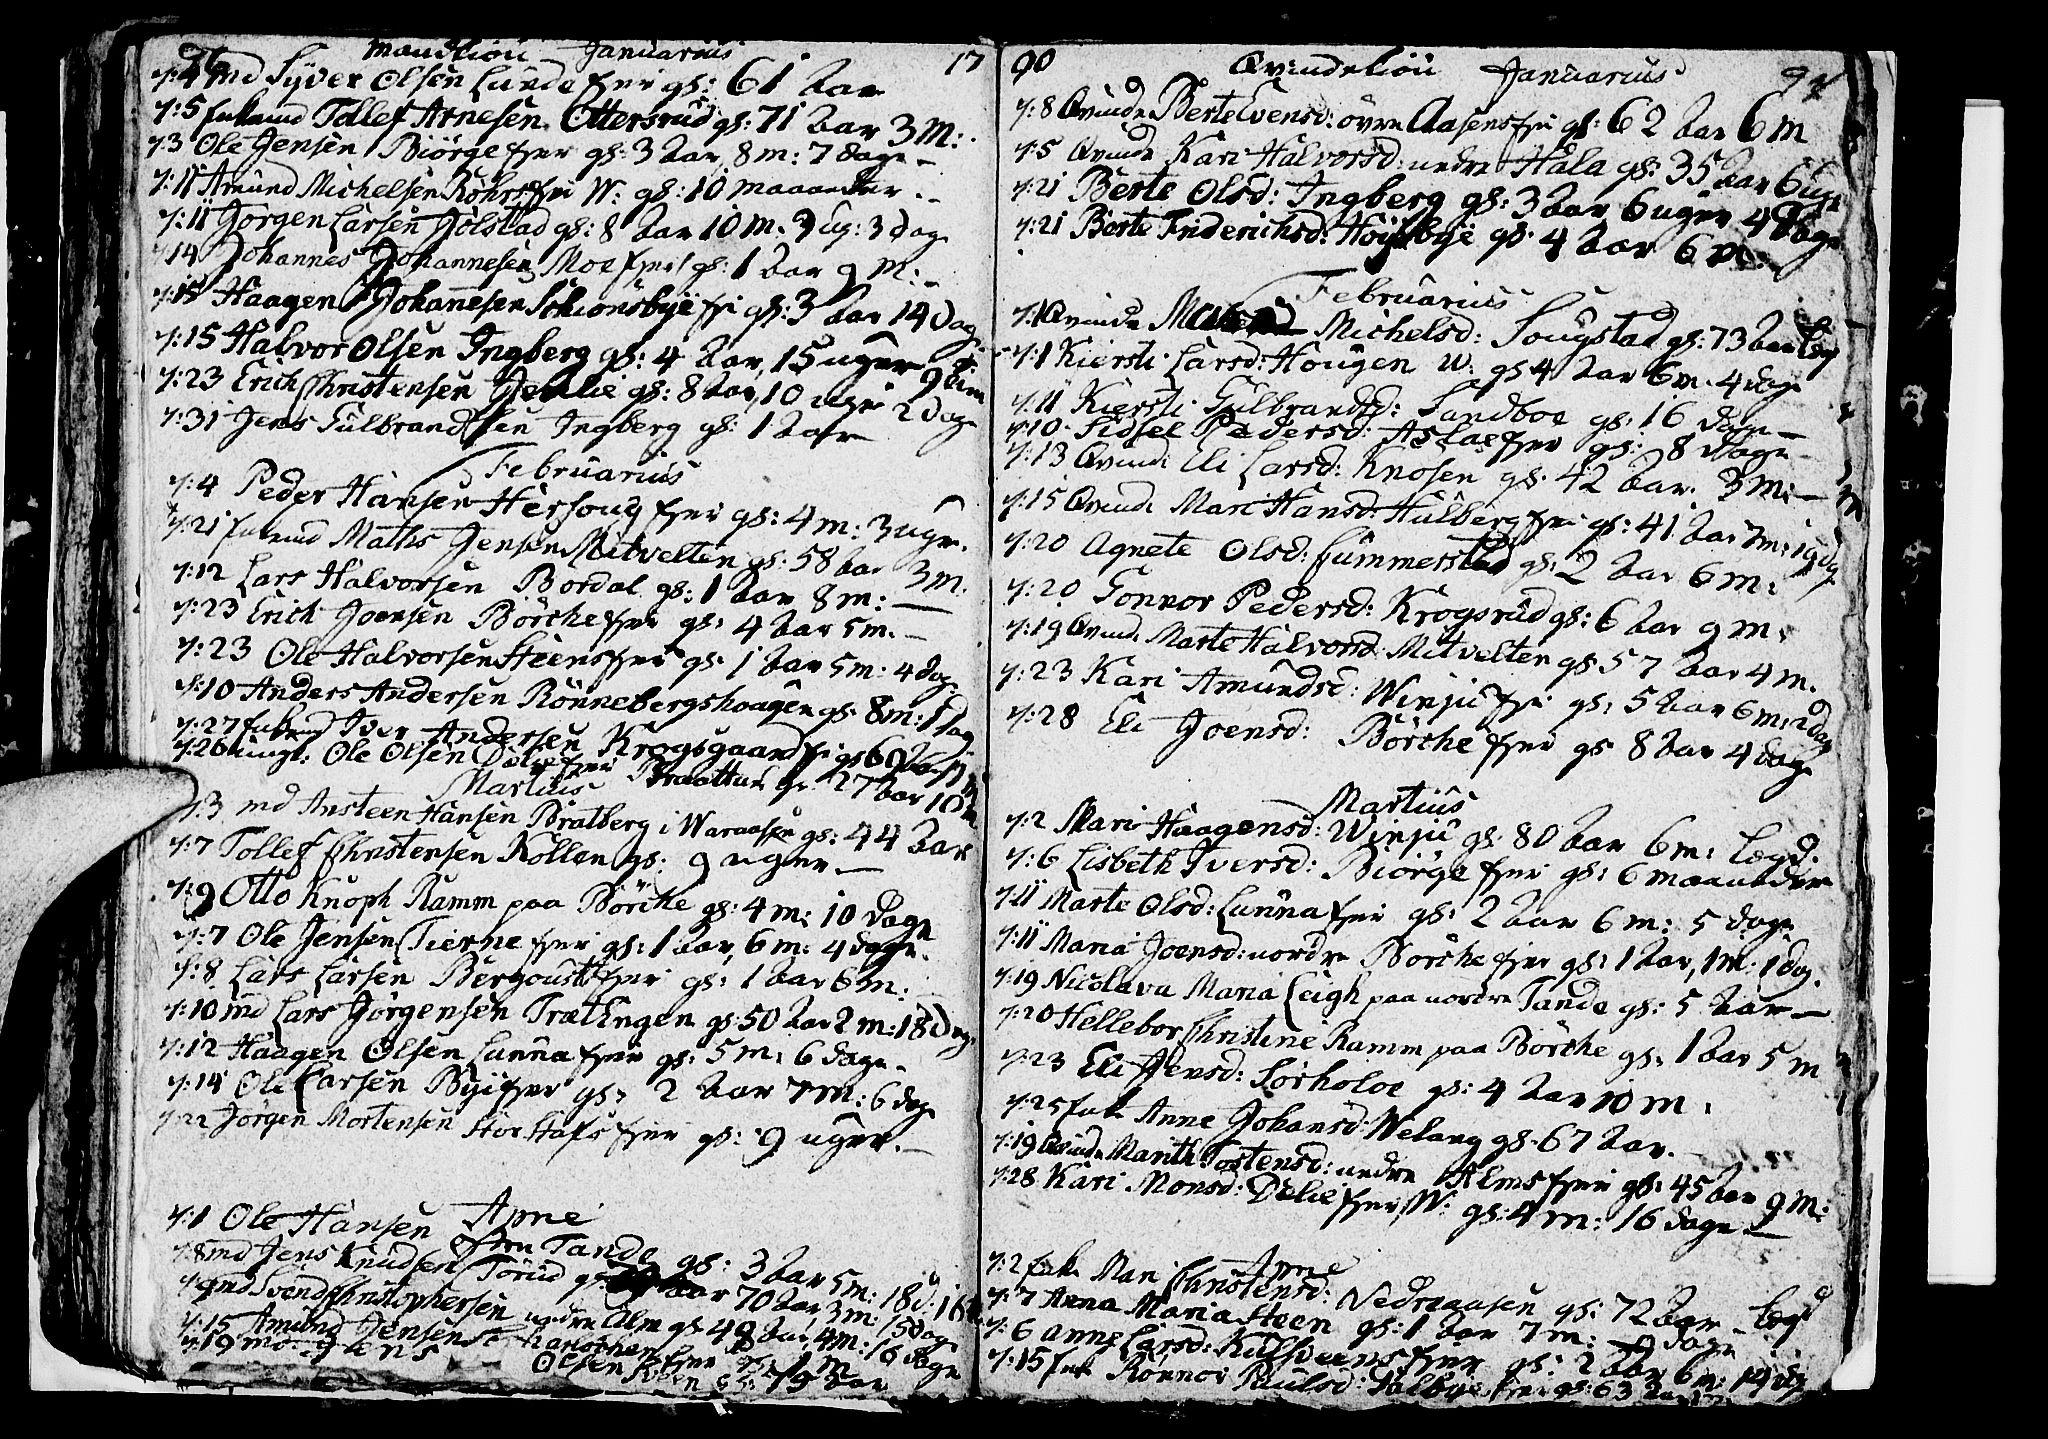 SAH, Ringsaker prestekontor, I/Ia/L0005/0005: Kladd til kirkebok nr. 1E, 1790-1792, s. 96-97